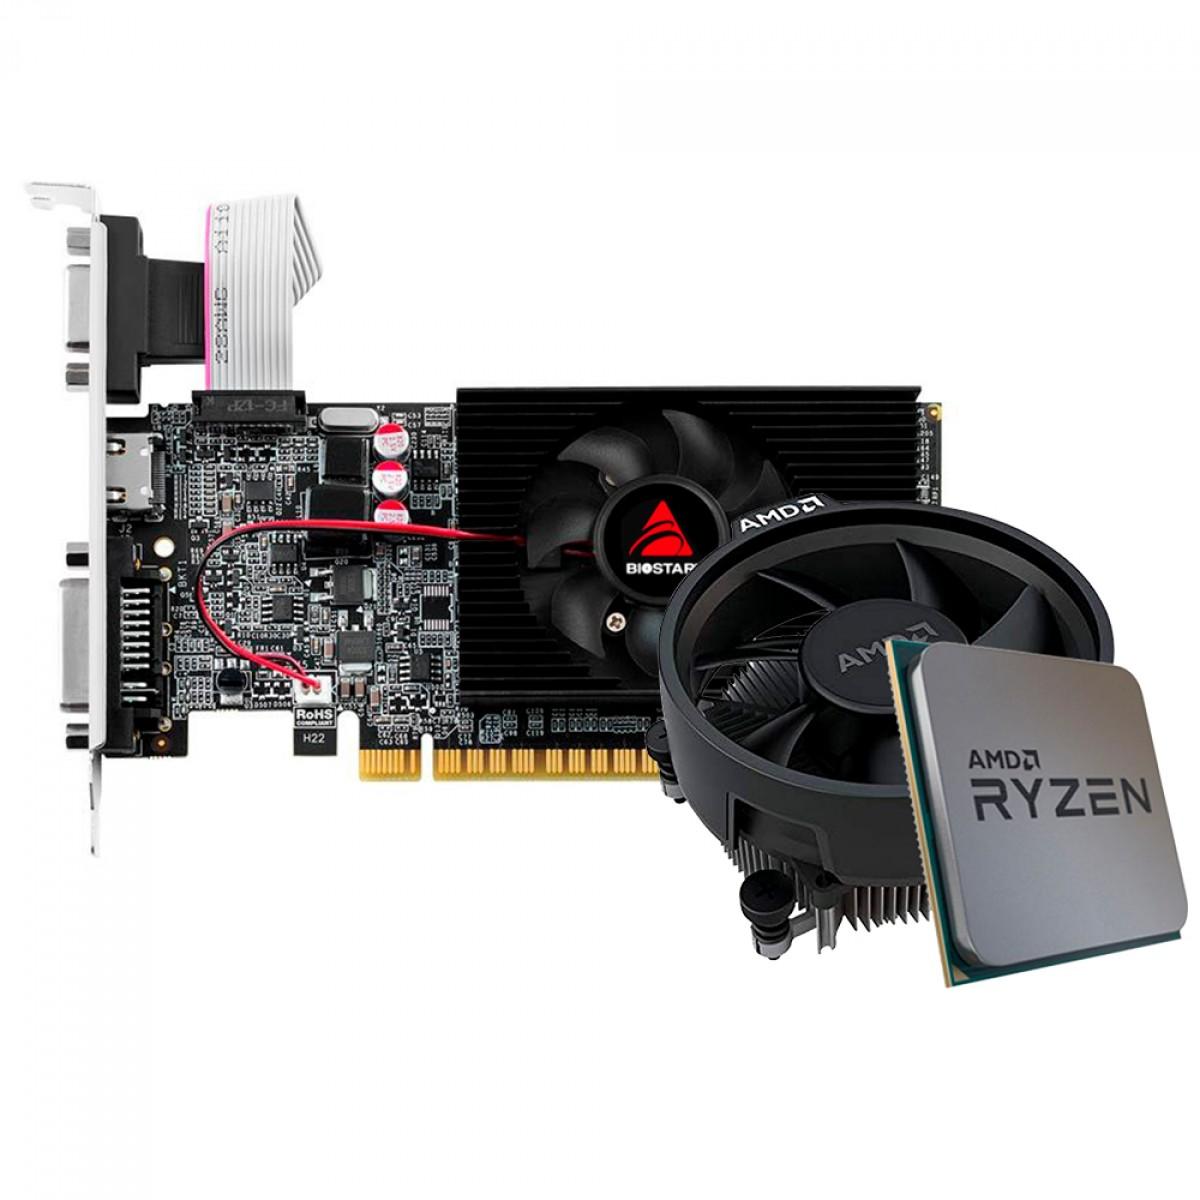 Kit Upgrade Biostar GeForce GT 610 + AMD Ryzen 5 3500